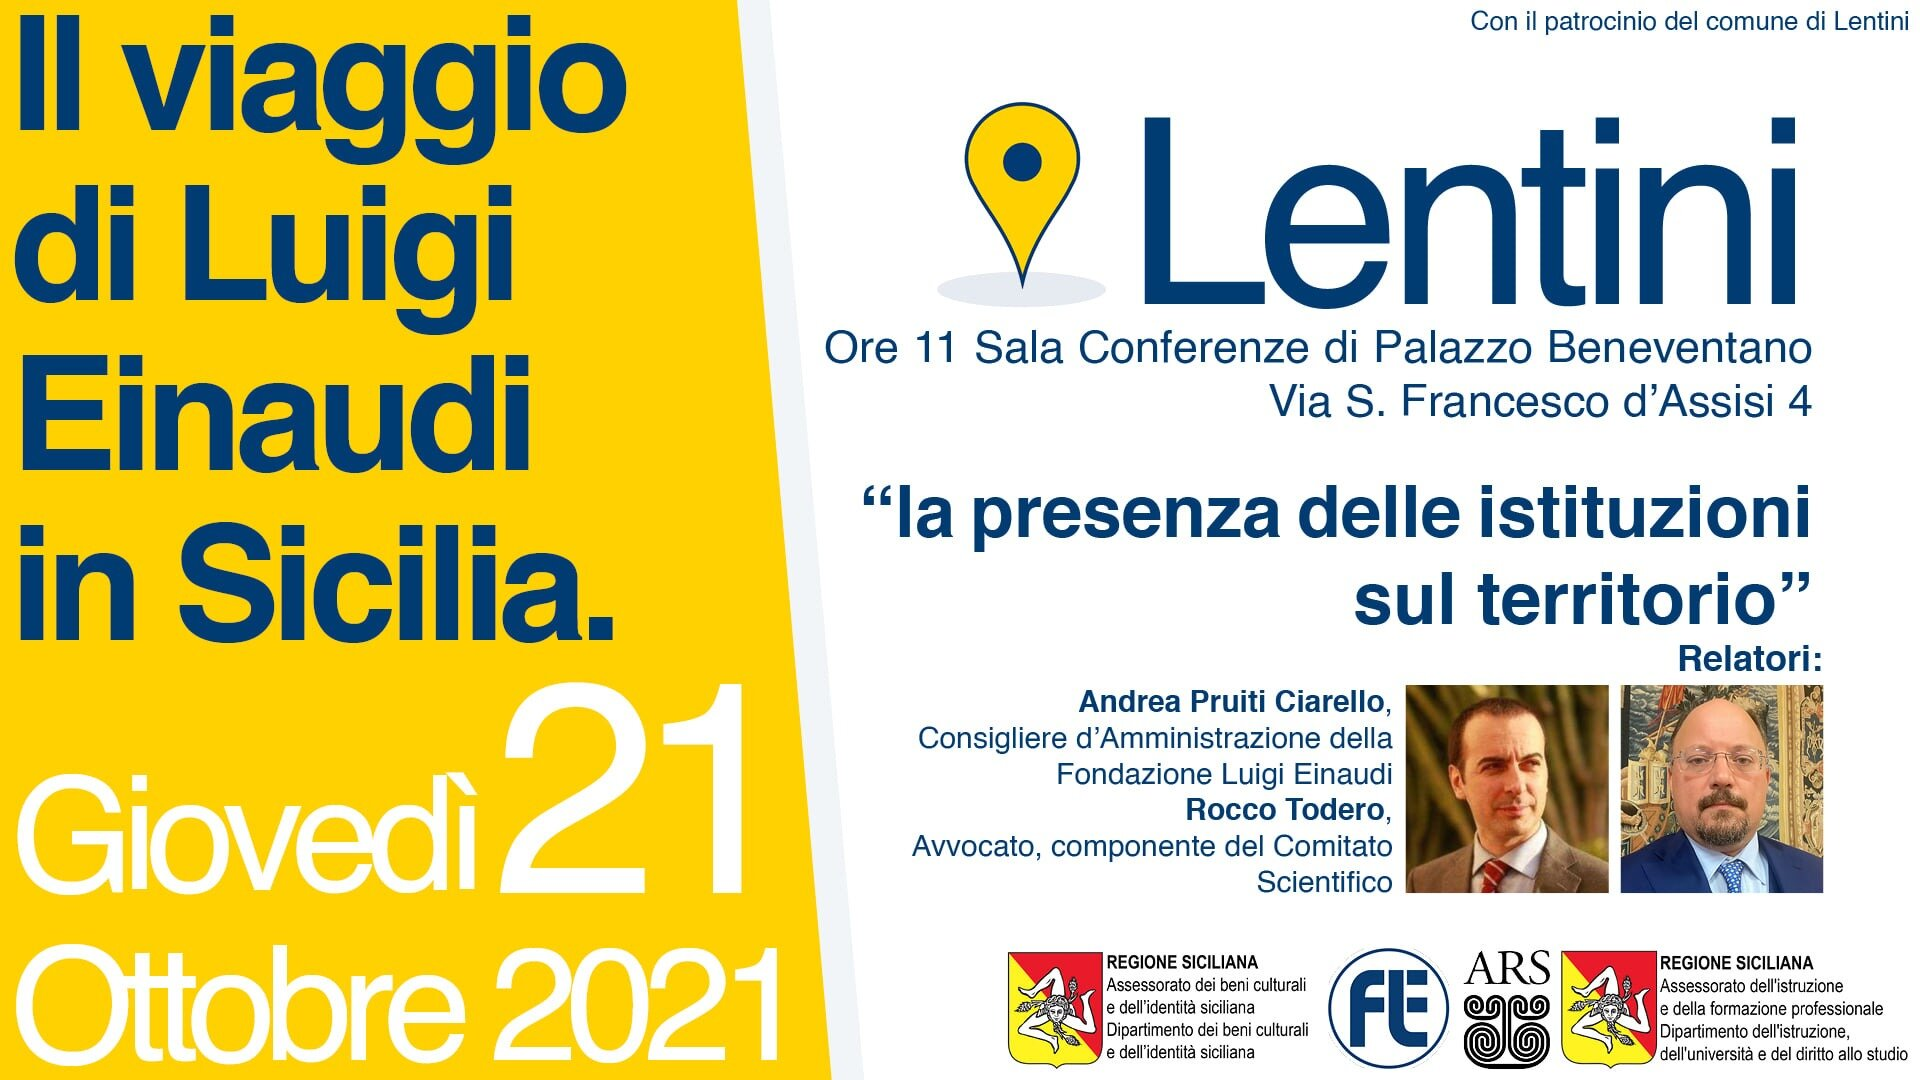 A Lentini la conferenza